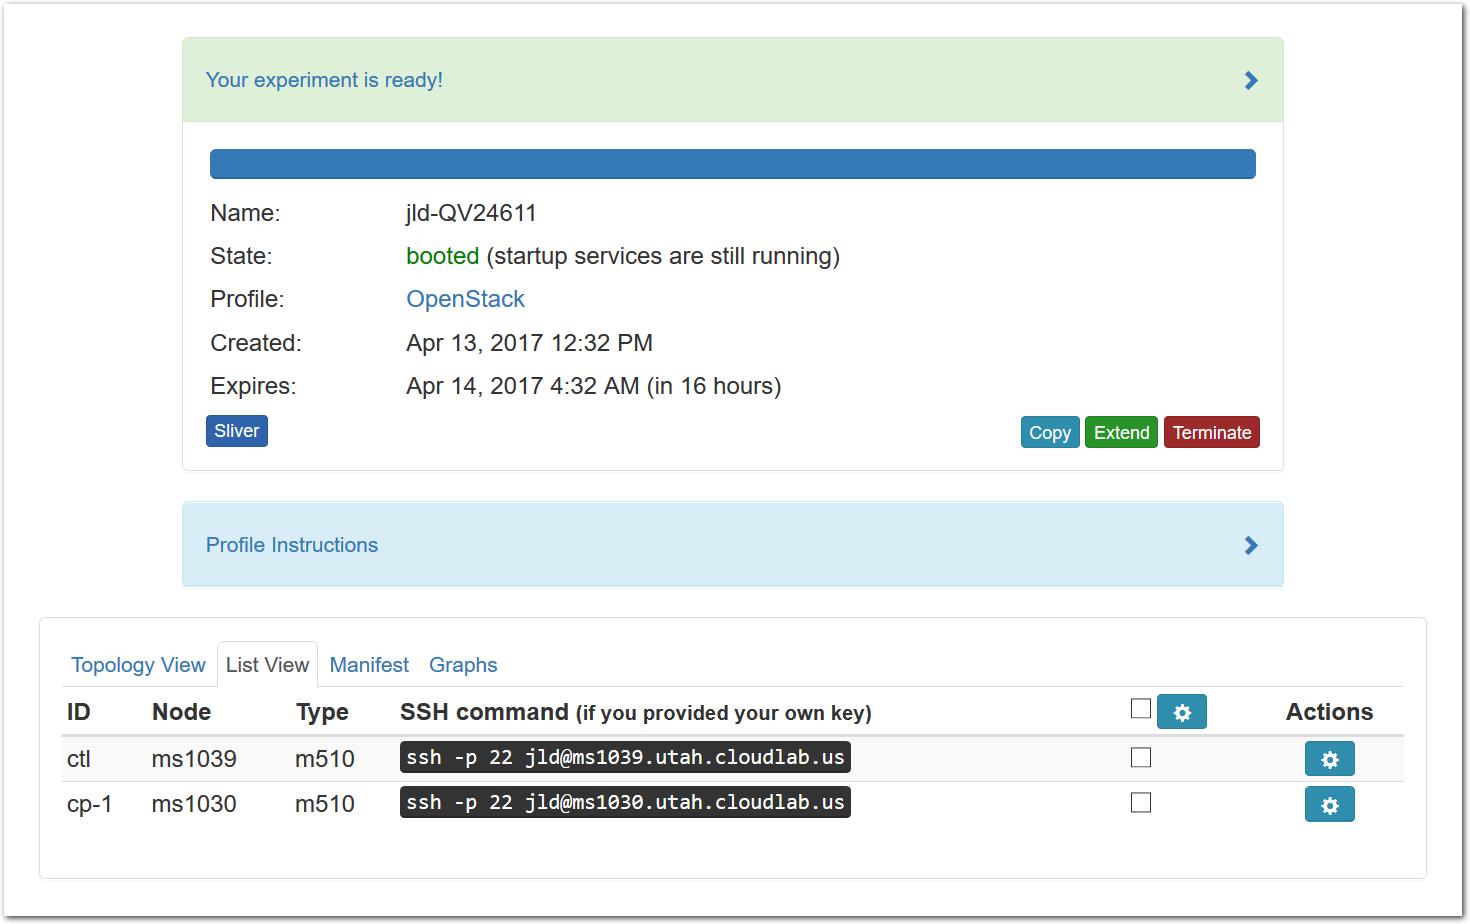 screenshots/elab/node-list.png